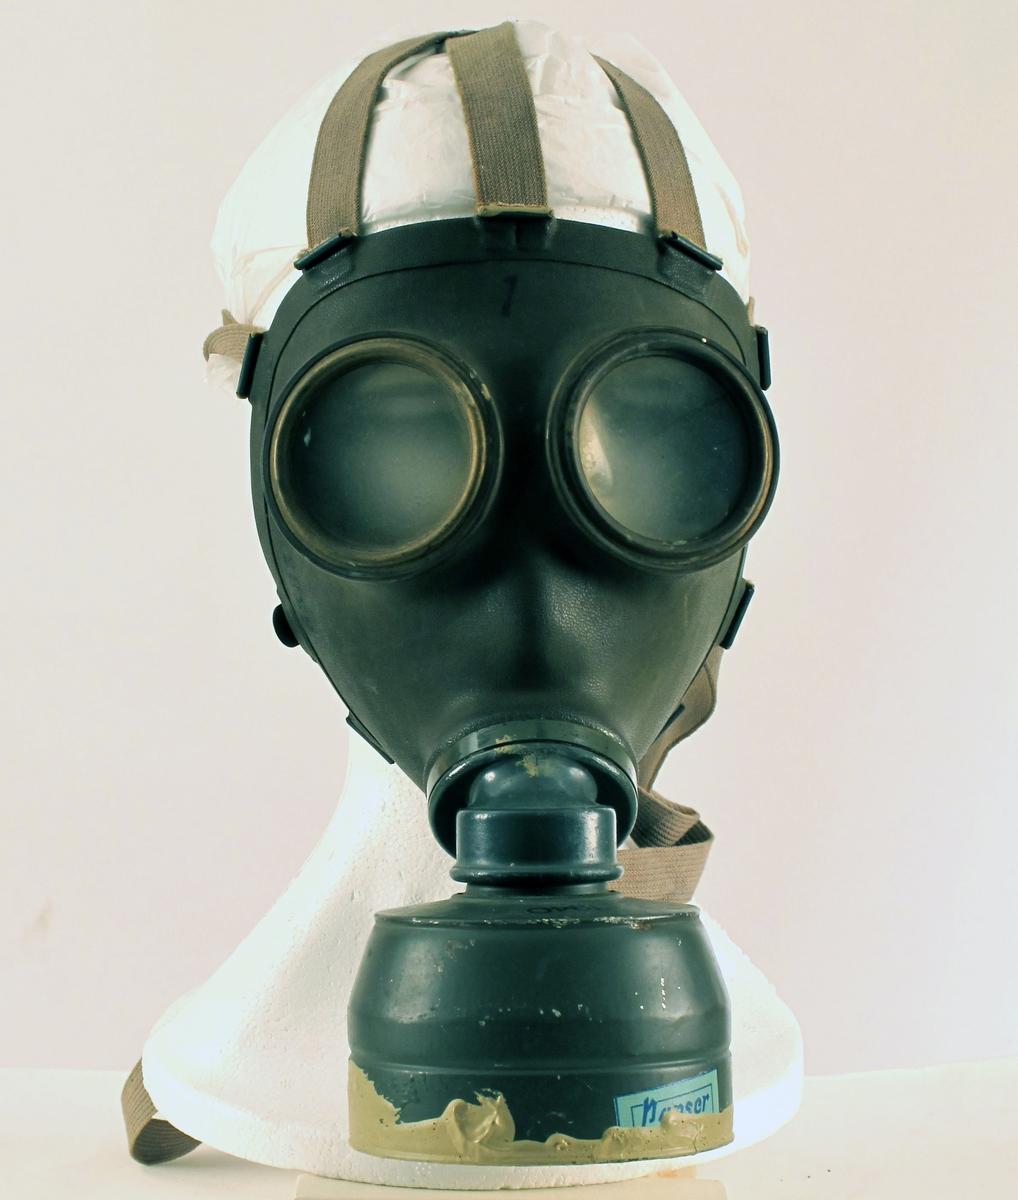 """Gassmaske,   Folkemasken"""",  Norsk Sivilforsvar  1940. Askim Gummivarefabrikk.   gummi, Metall, celluloidglass, lerretsremmer.    Klokkeformet metallbunn med gummifilter under.  Ansiktsmasken er festet på skrå i forhold til filteret. To sirkulære glass, grå  1940,  mellom øynene: 1. Delvis skjult lysblå etikett  nederst, tekst:   PANSER.   Tilstand: god."""